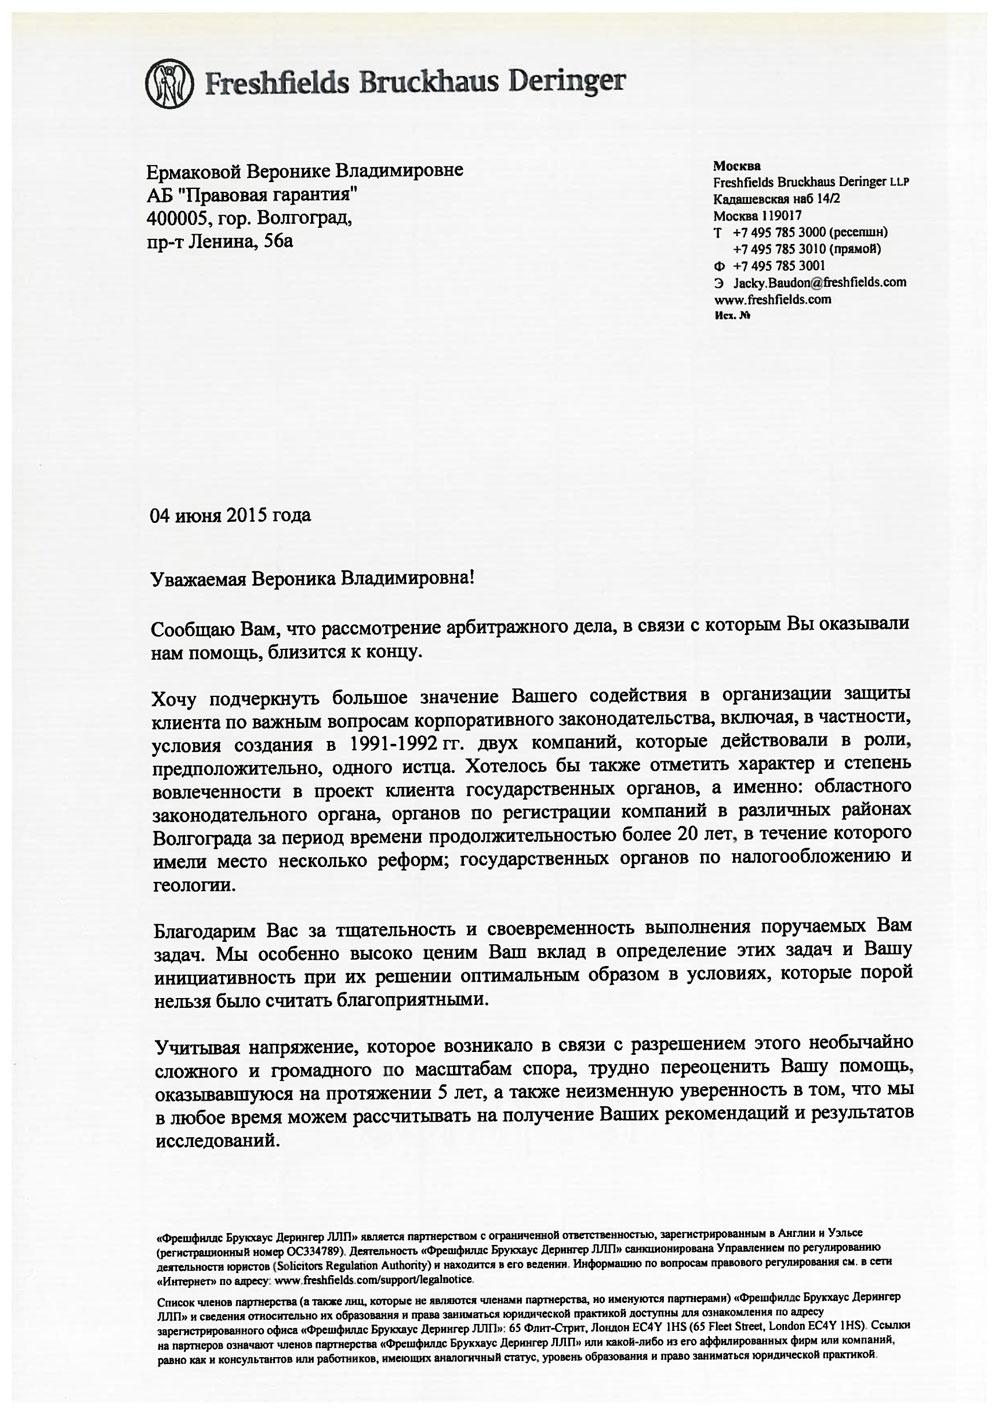 Георгий красовский адвокат